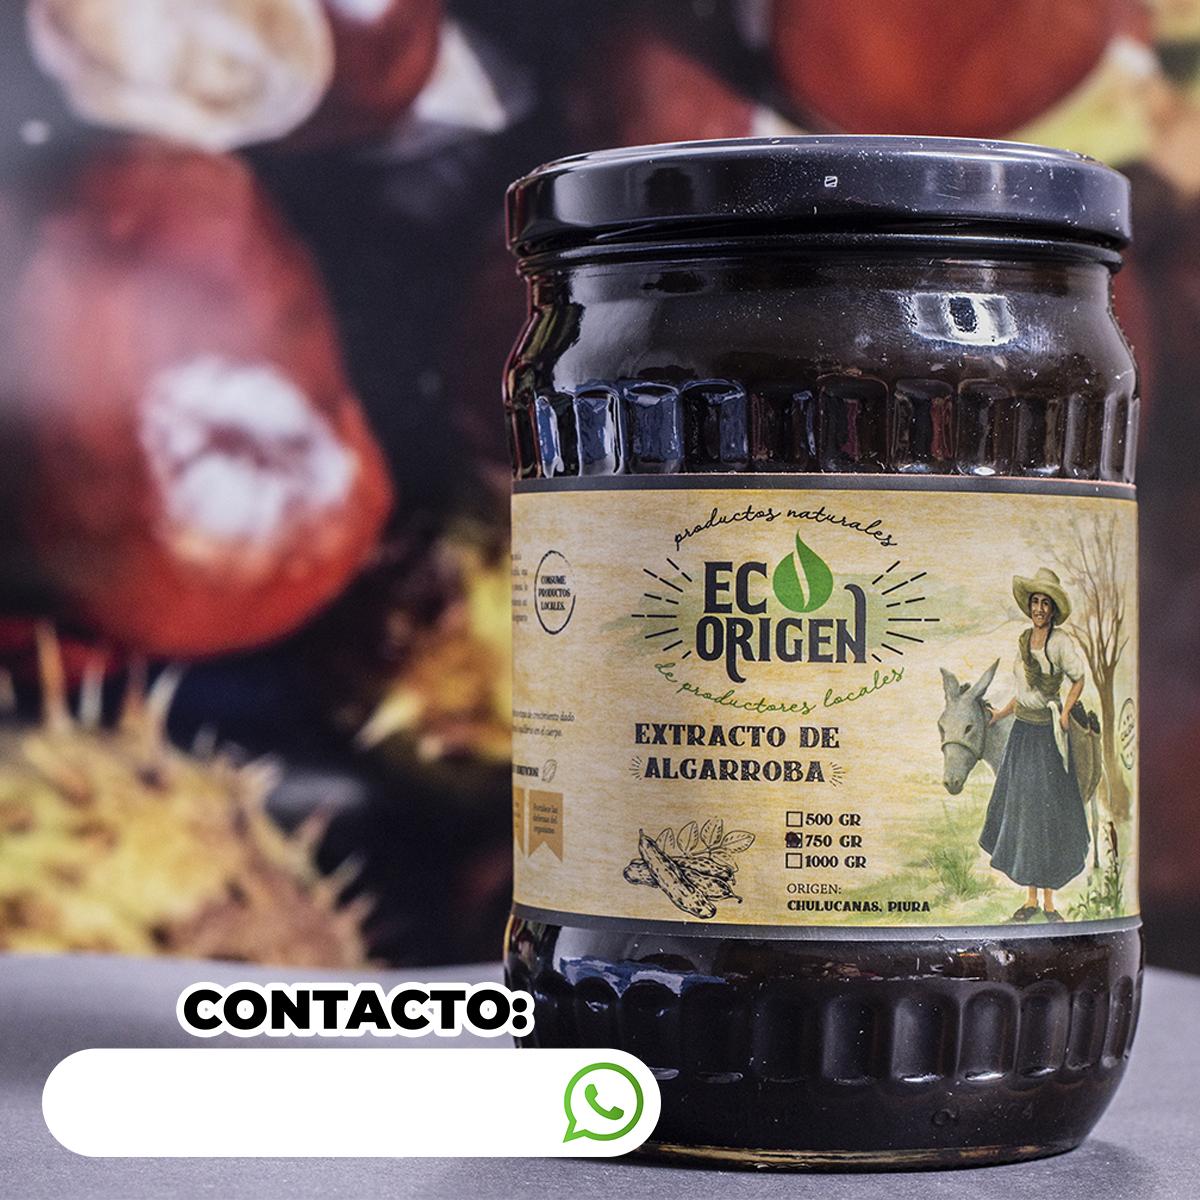 Extracto de algarroba Eco Origen x 750 gr en PNG